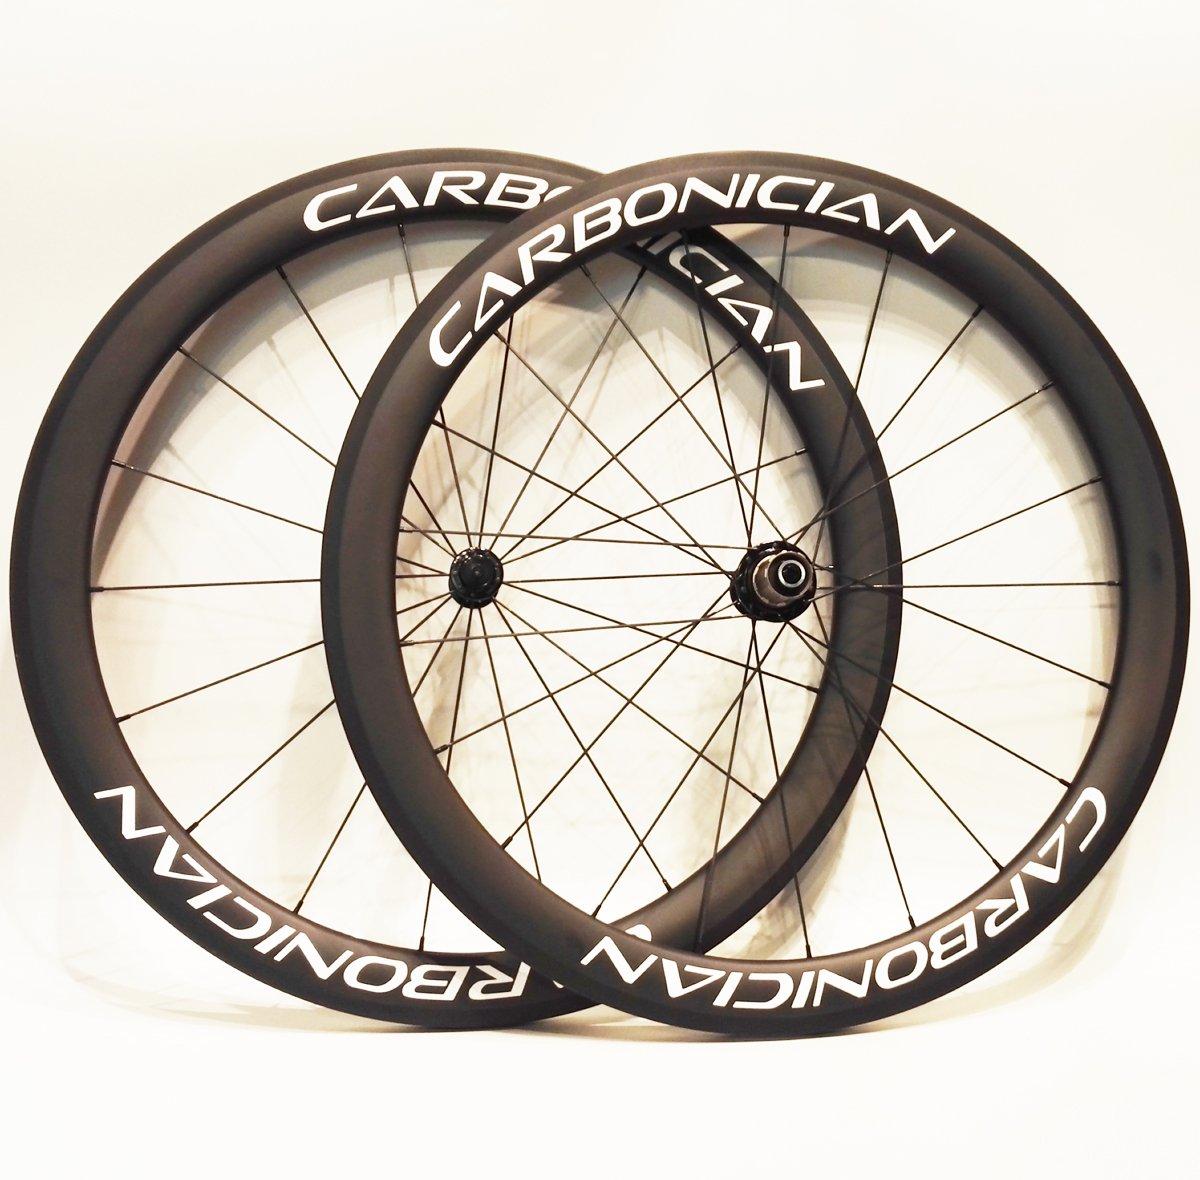 カーボニシアン 50mm チューブ状カーボンホイール 700c ロードバイク 18/21スポーク   B07FMPYTHC